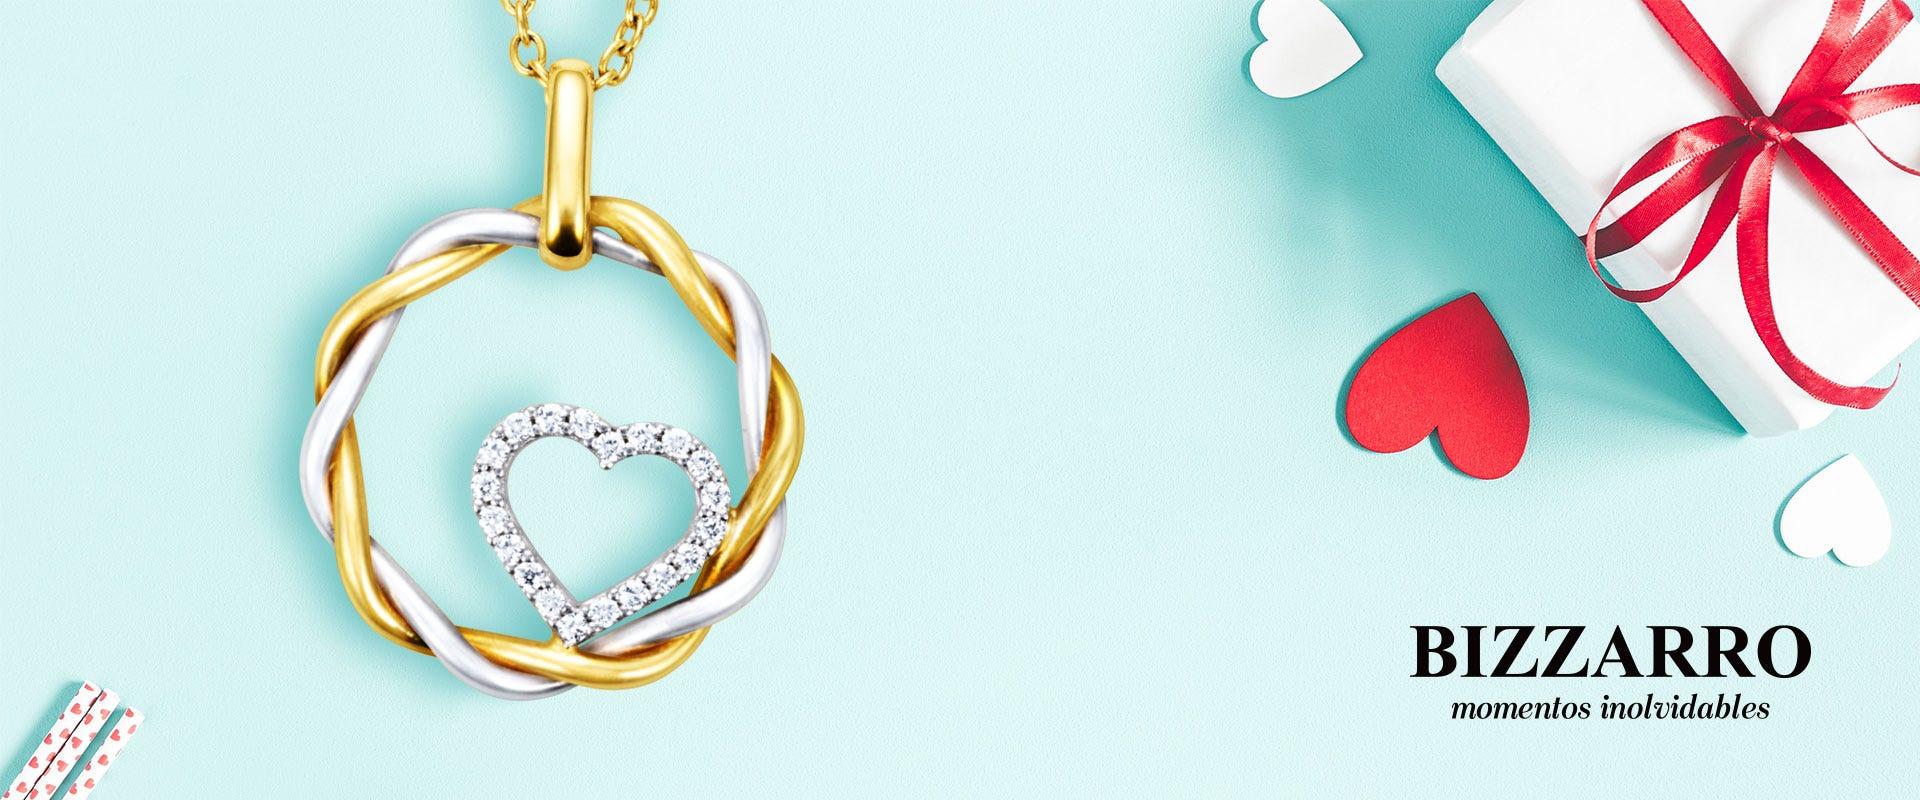 8 regalos perfectos para el 14 de febrero